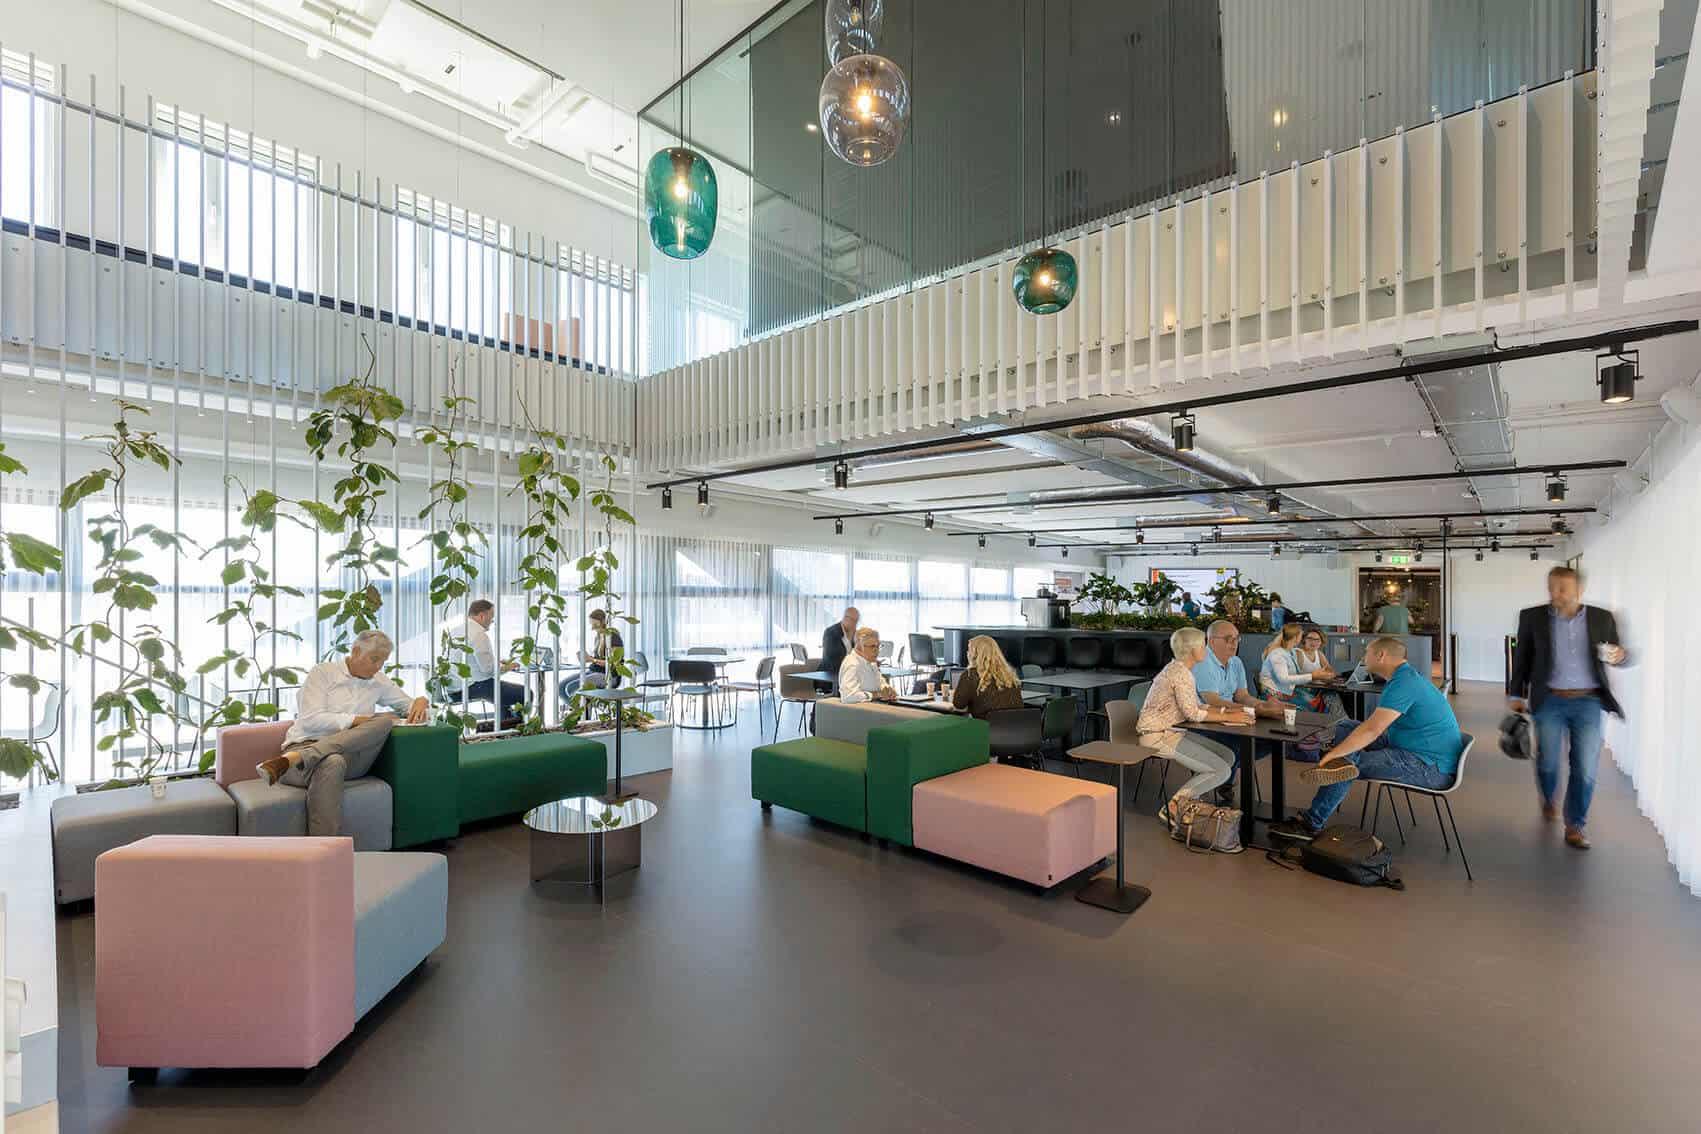 Interieur-hal-Stadskantoor-Alkmaar-copyright-Marcel-van-der-Burg.jpg